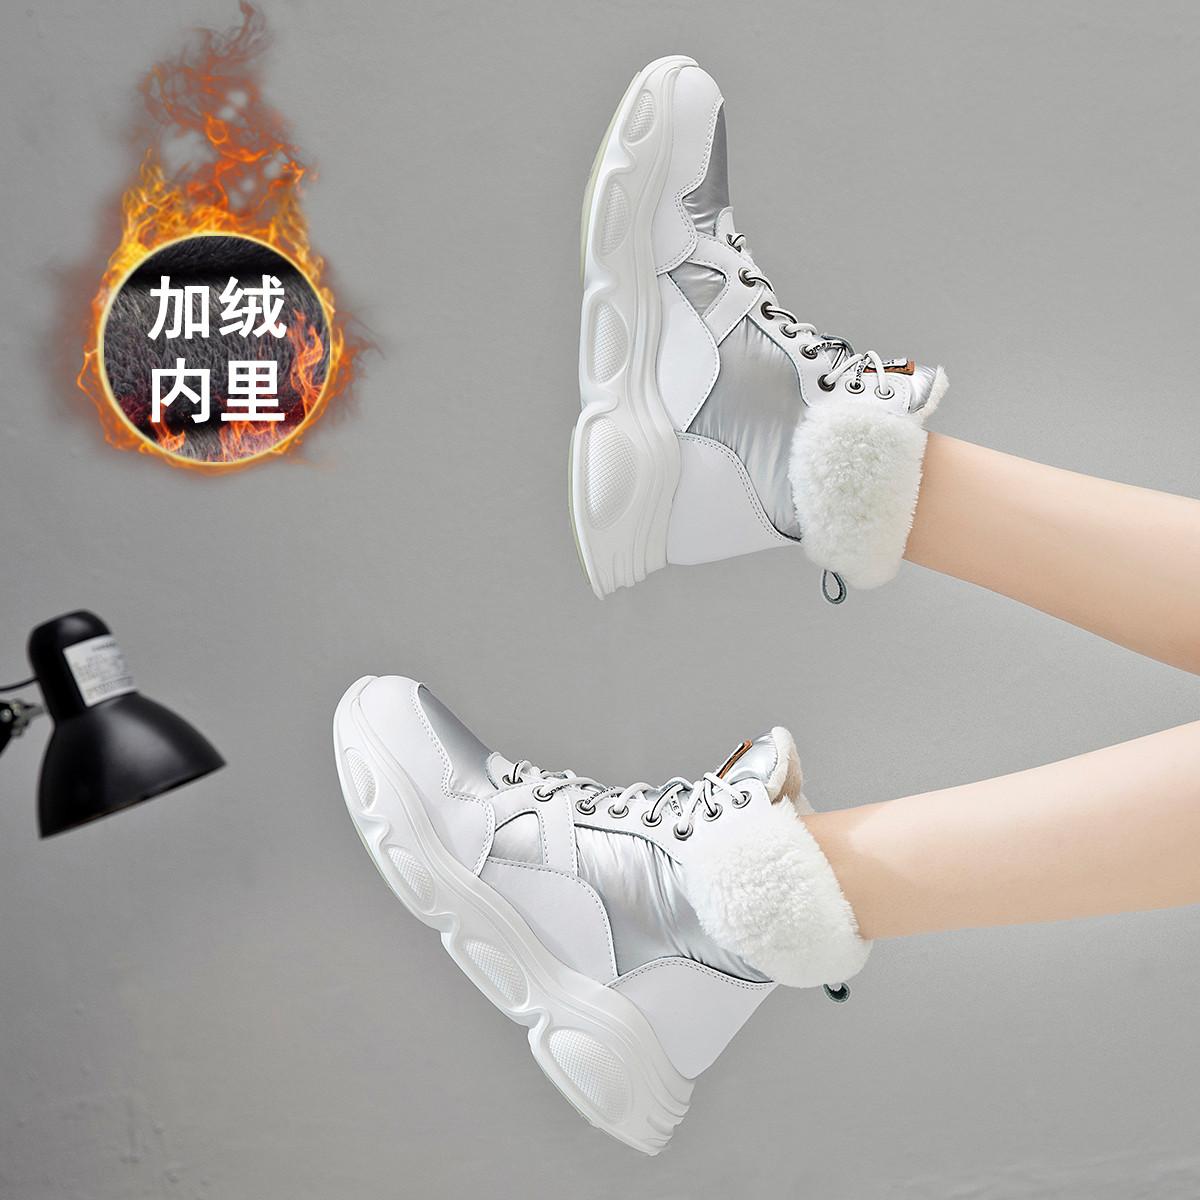 ZGR19冬新款马丁靴女英伦风增高厚底真皮加绒羊羔毛棉鞋高帮短靴19Q8963020